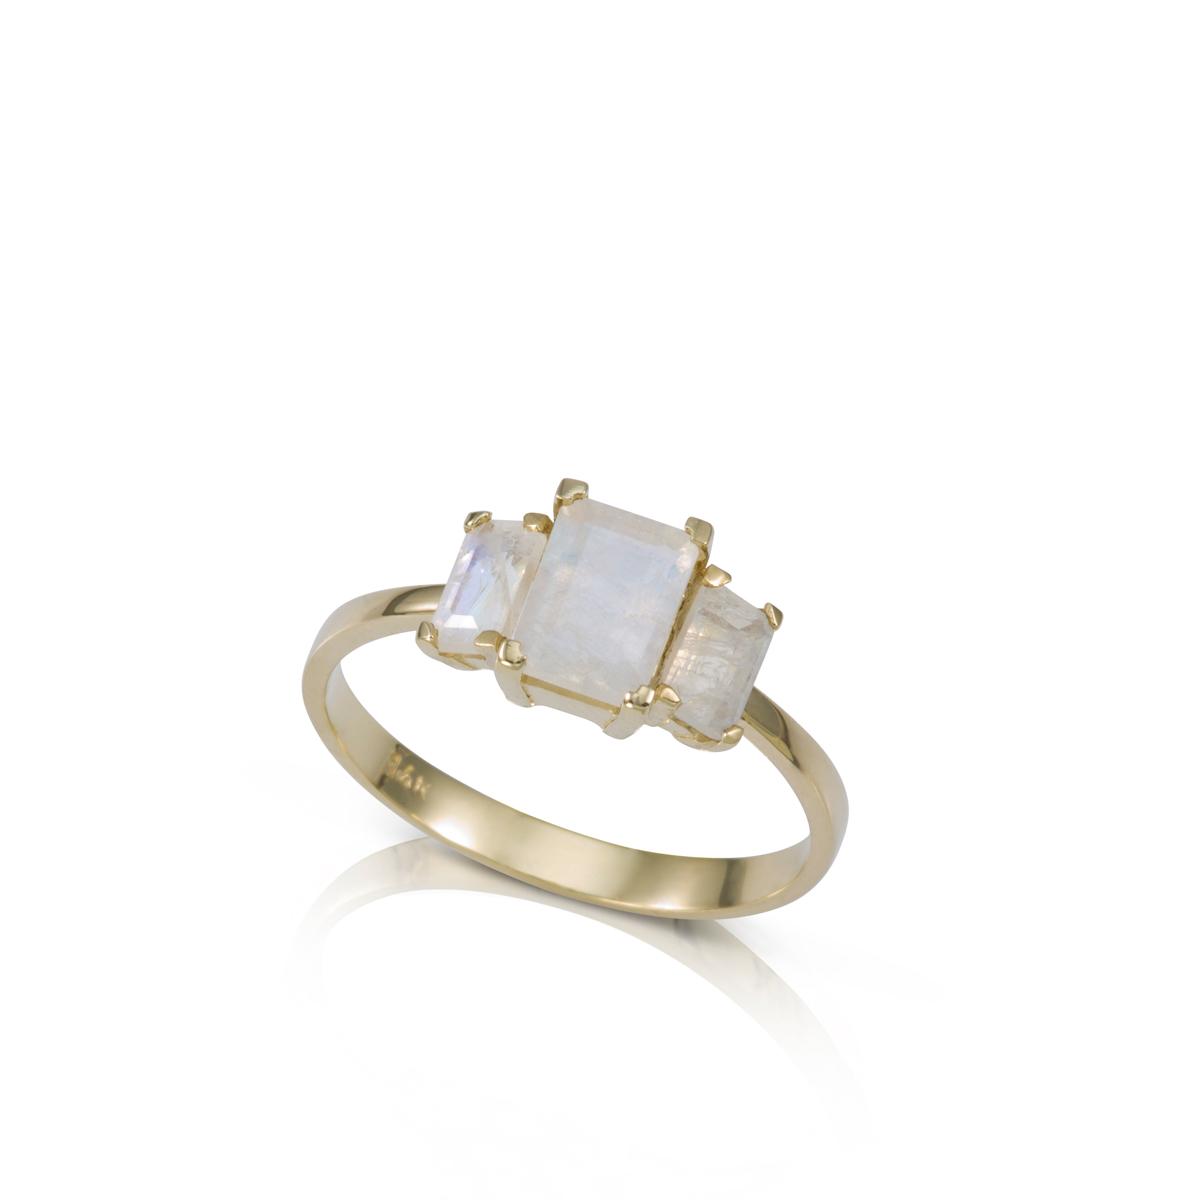 טבעת זהב משובצת 3 אבני מונסטון בחיתוך מלבני